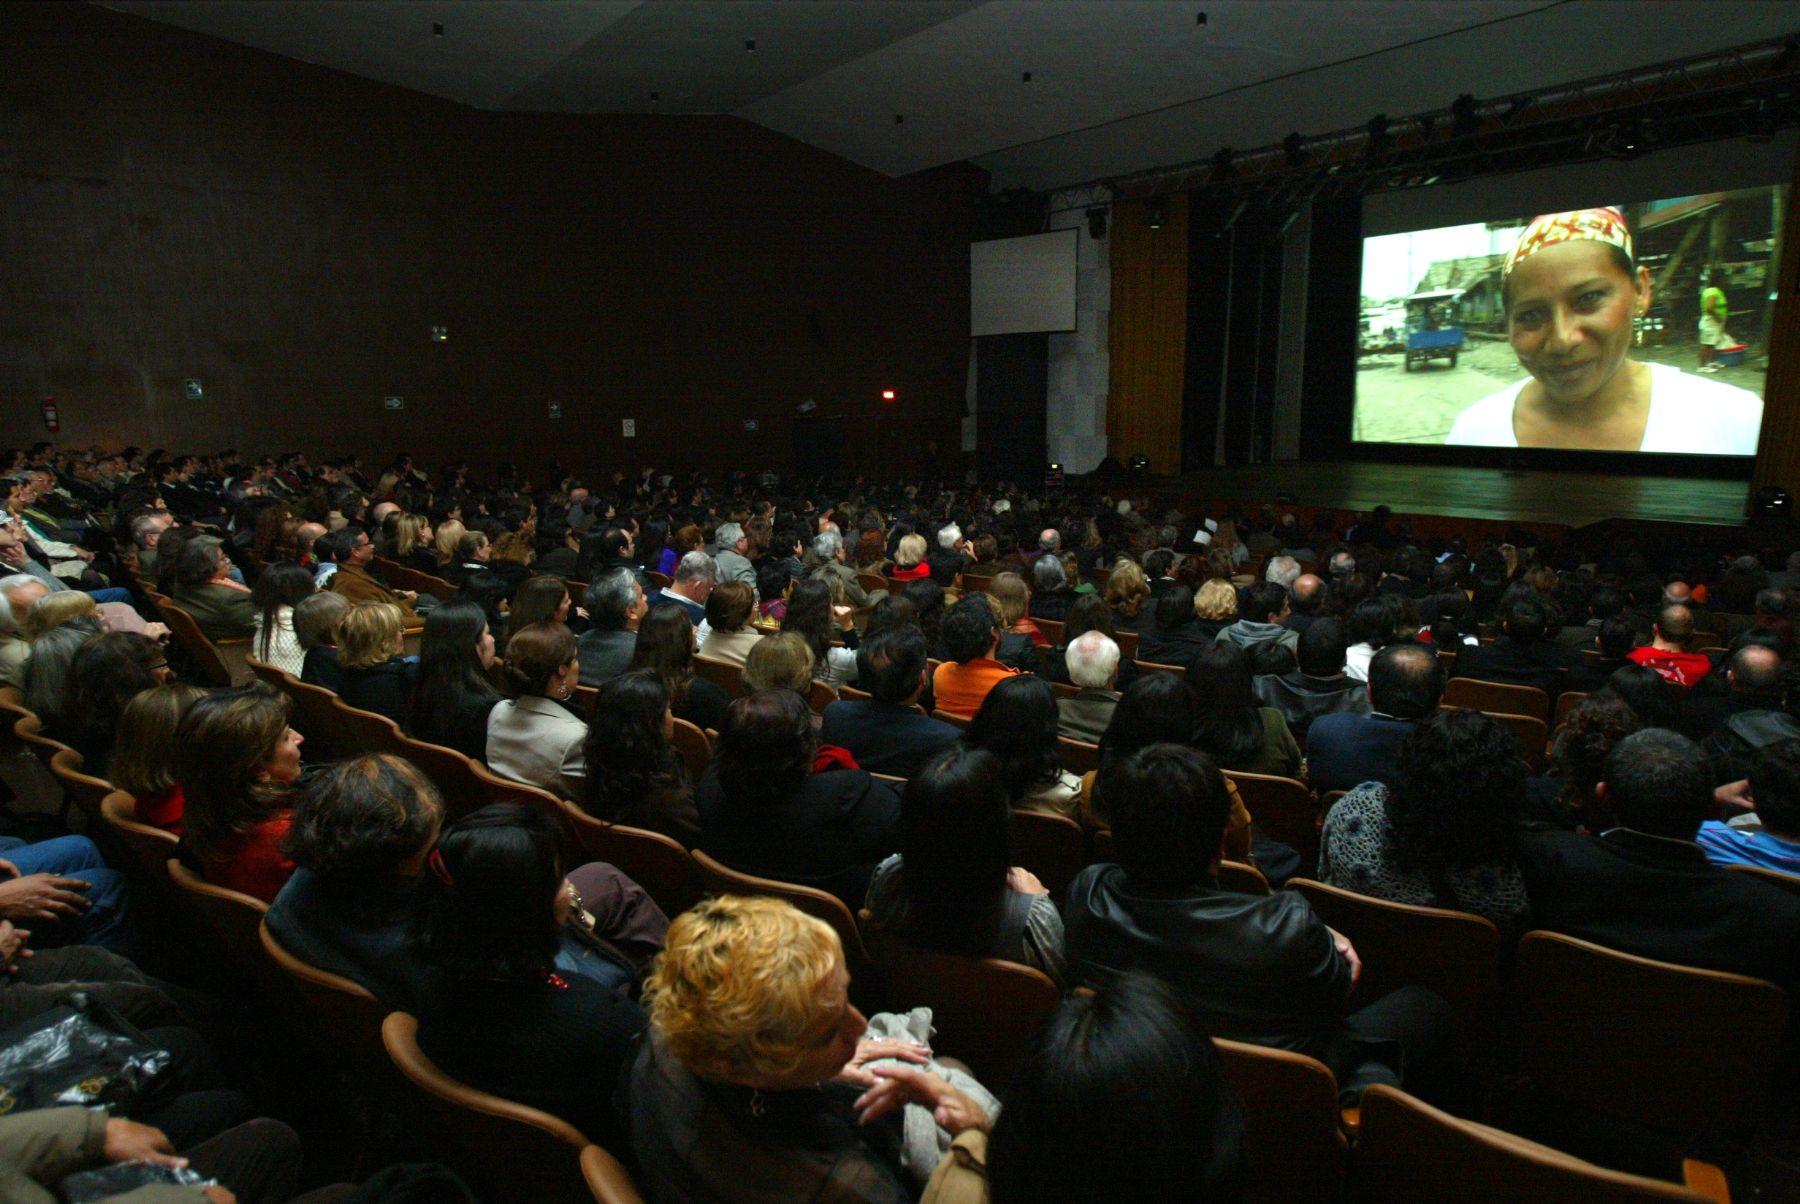 Las entradas al cine en Perú tienen el costo más bajo en Sudamérica. Foto ANDINA / Rubén Grández.